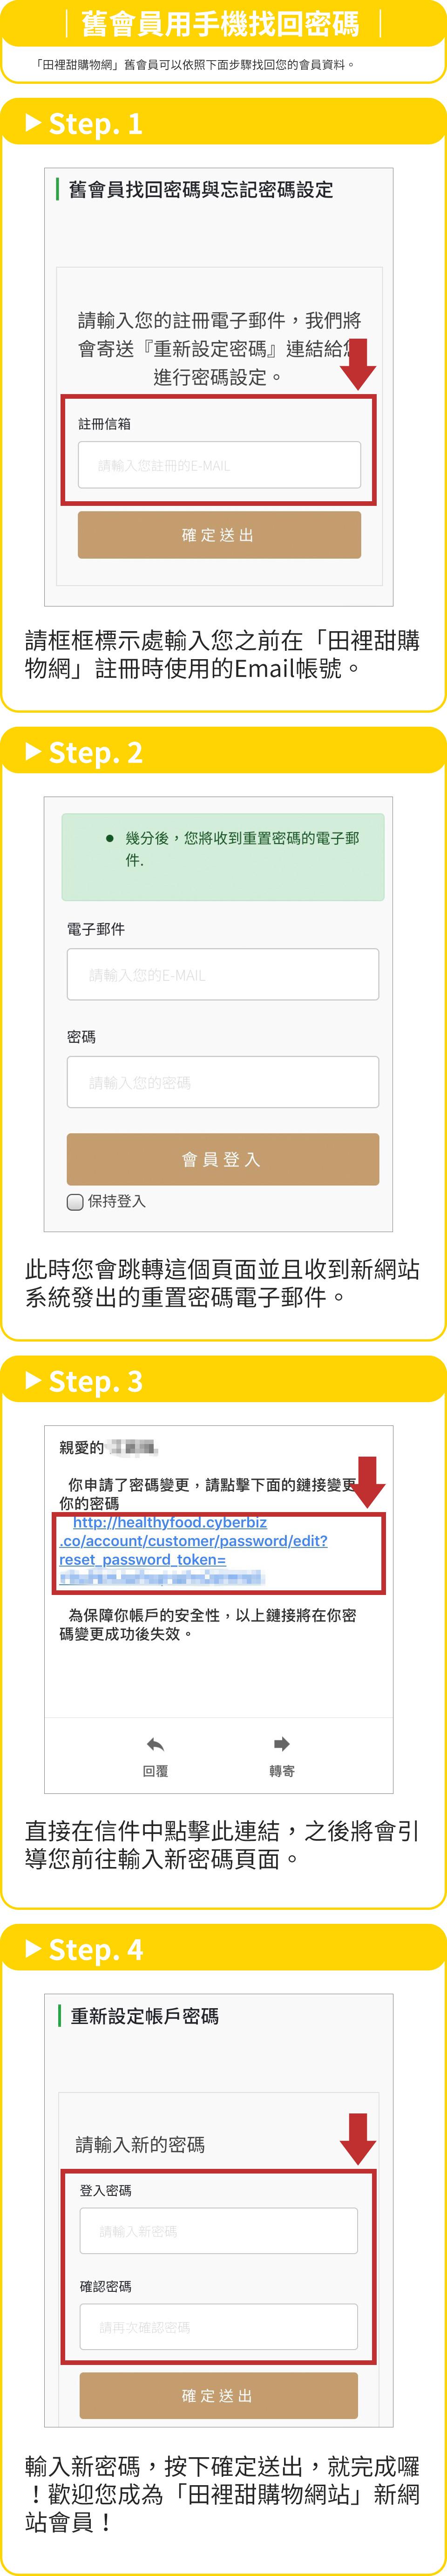 「田裡甜購物網站」手機與平板舊會員找回密碼說明